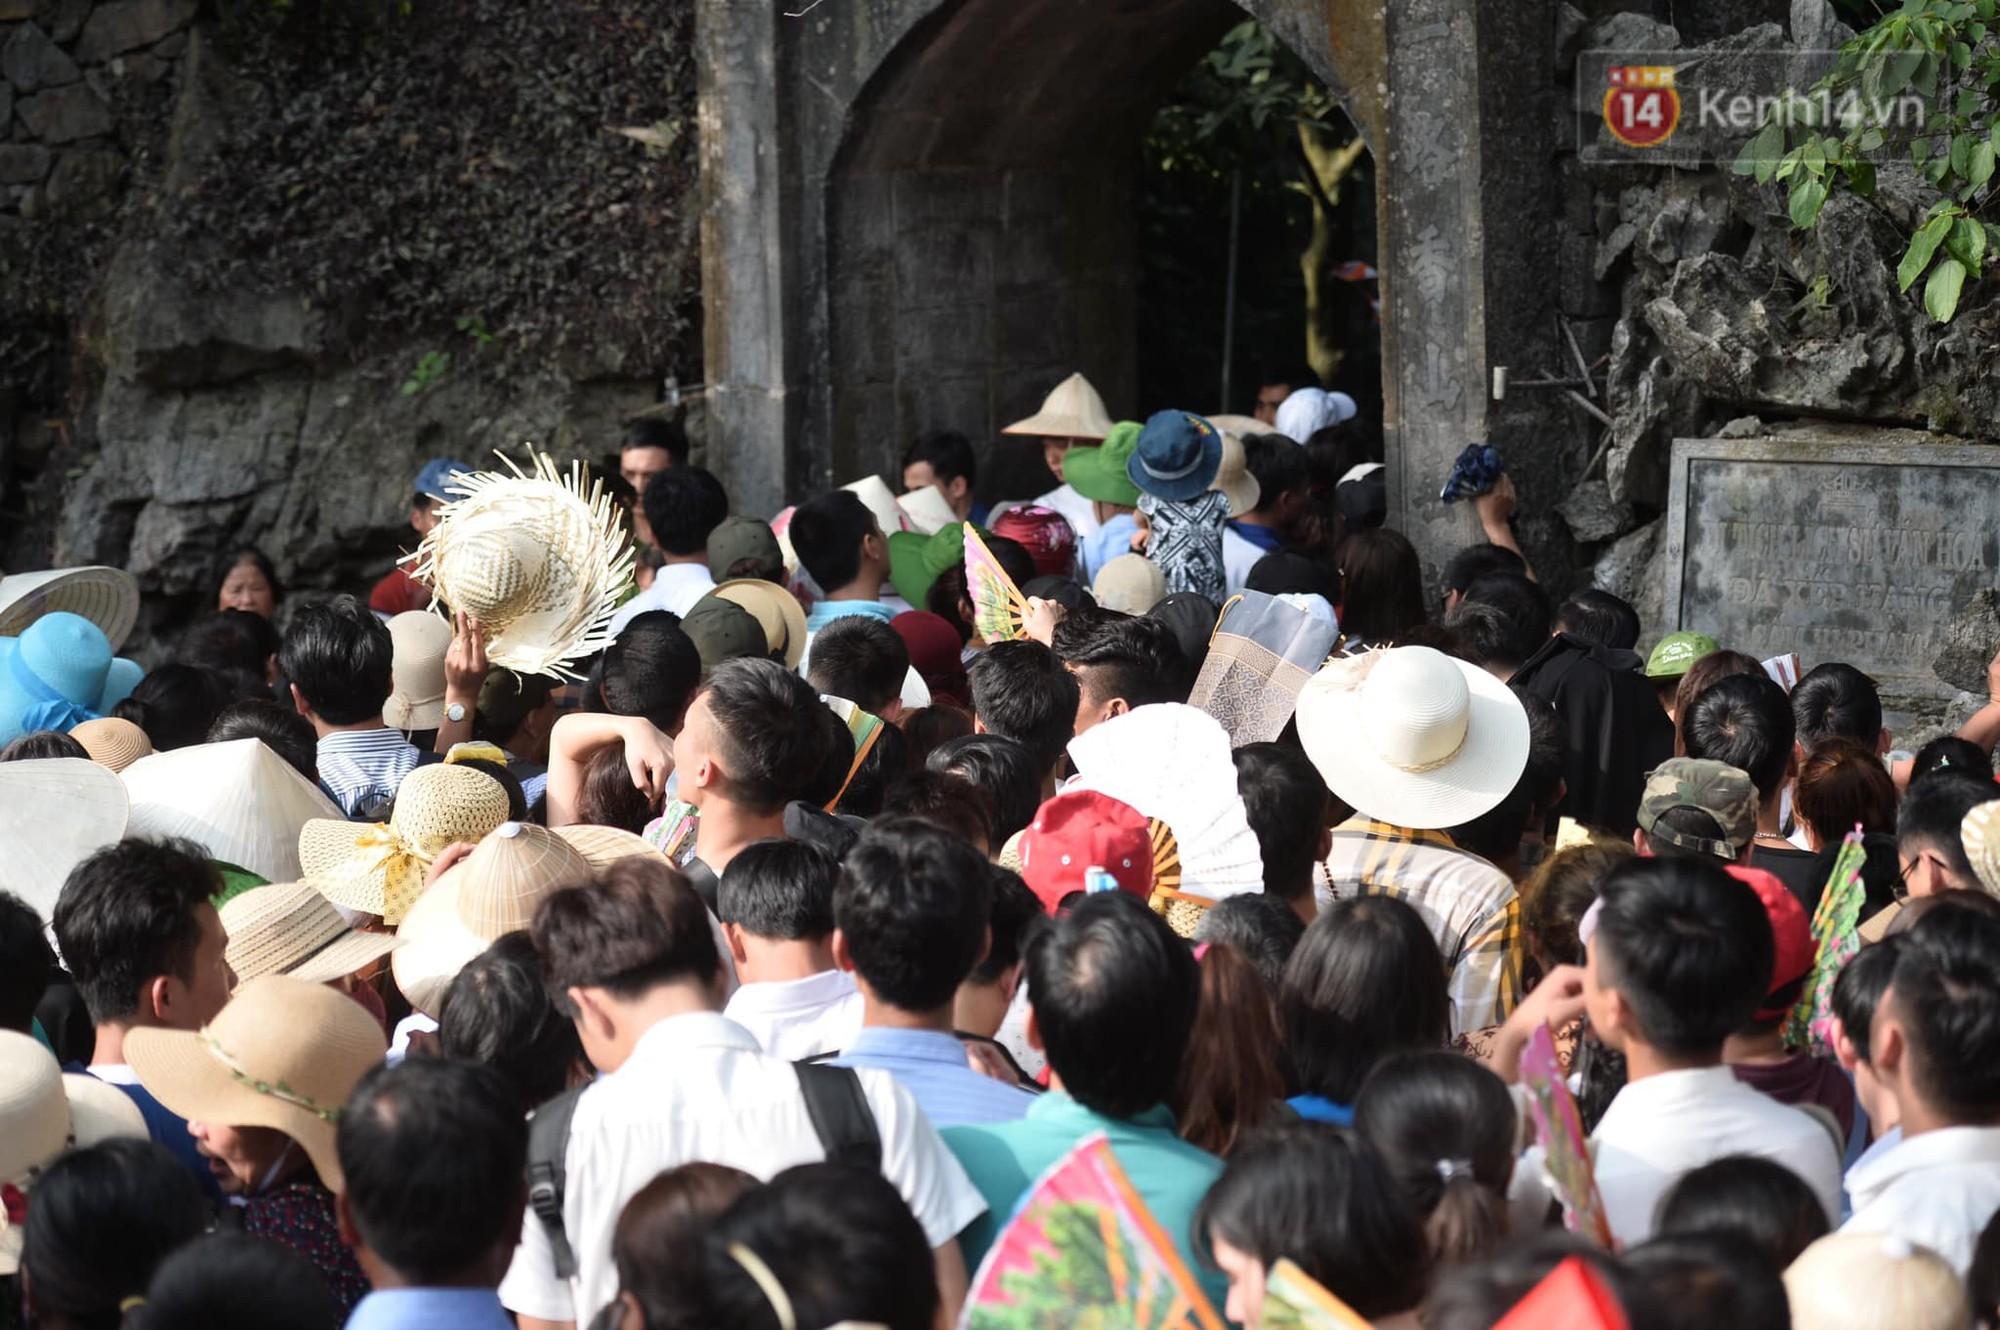 Ảnh: Mệt mỏi vì chen lấn giữa hàng vạn người dù chưa khai hội chùa Hương, nhiều em nhỏ ngủ gục trên vai mẹ-12